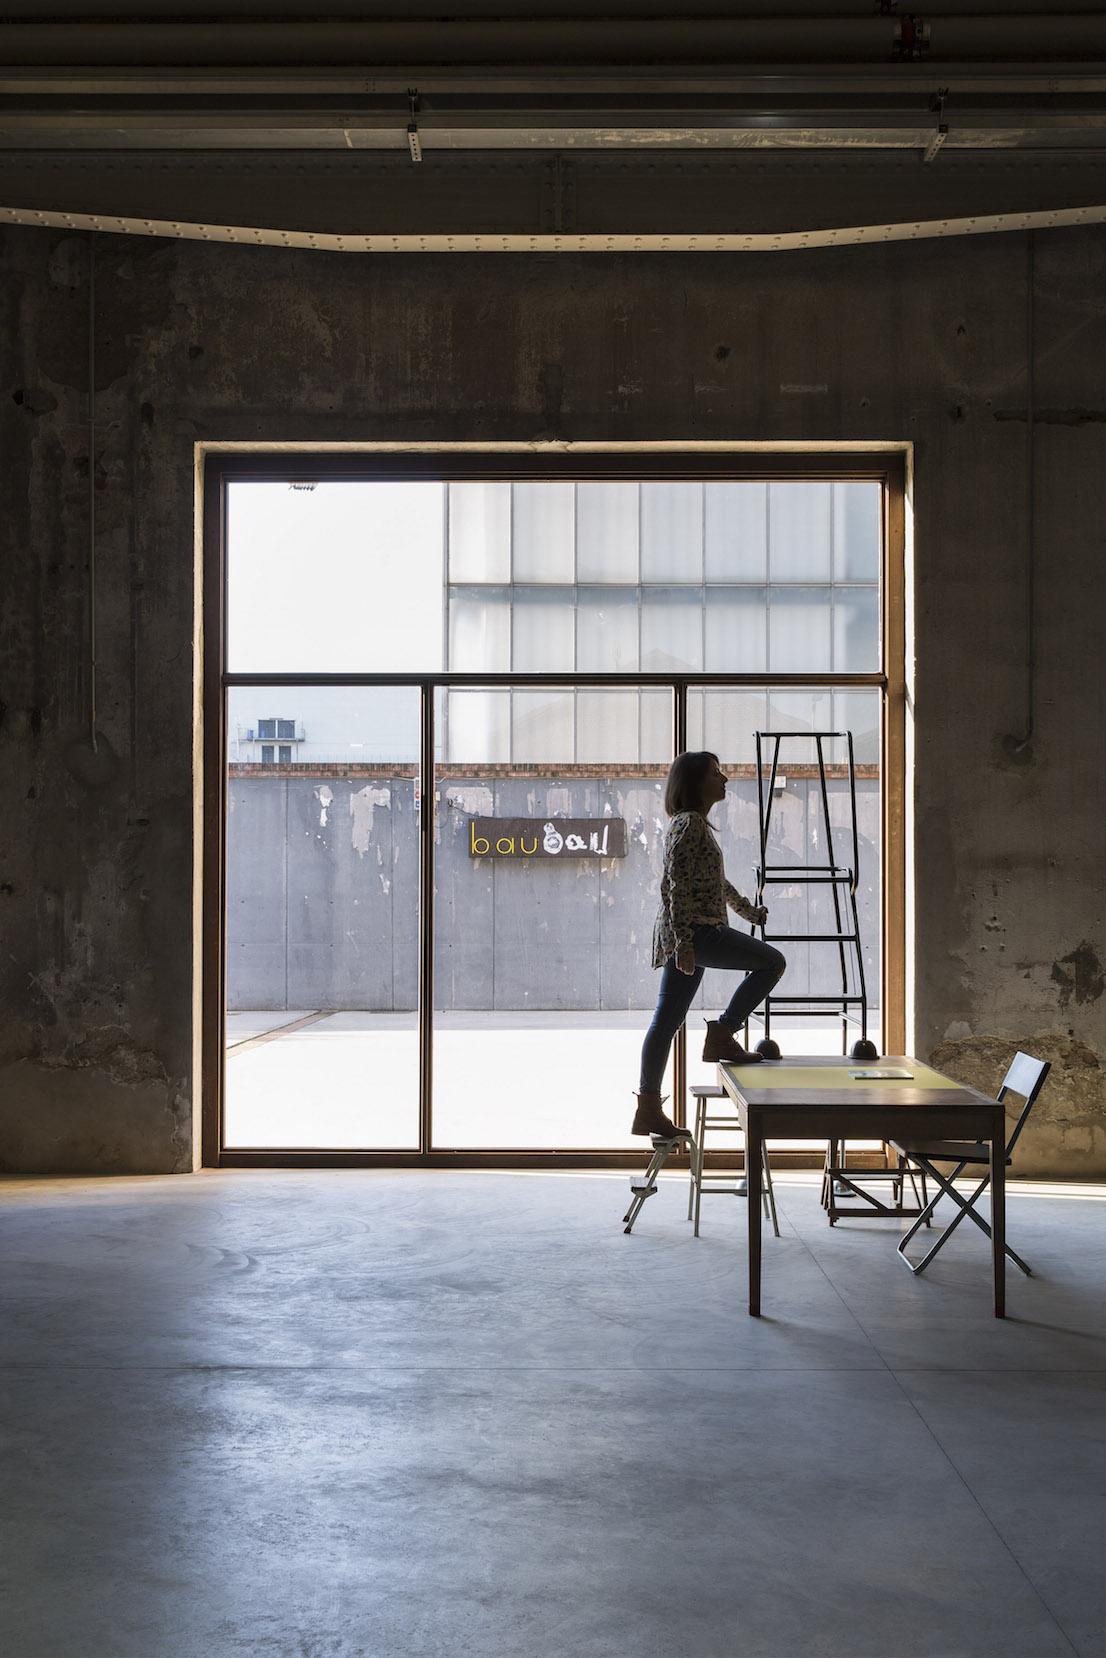 Celine Condorelli The Double And The Half (to Avery Gordon), 2014. Courtesy l'artista, Fondazione HangarBicocca, Milano. Foto Agostino Osio.